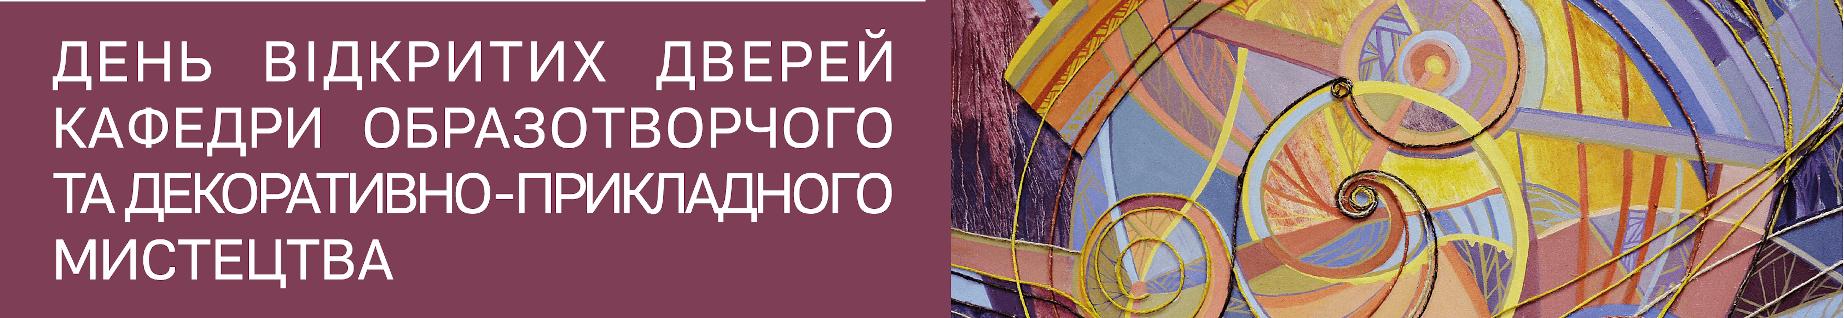 День відкритих дверей кафедри образотворчого та декоративно-прикладного мистецтва, ЧНУ ім. Б. Хмельницького 25 лютого 2021 року